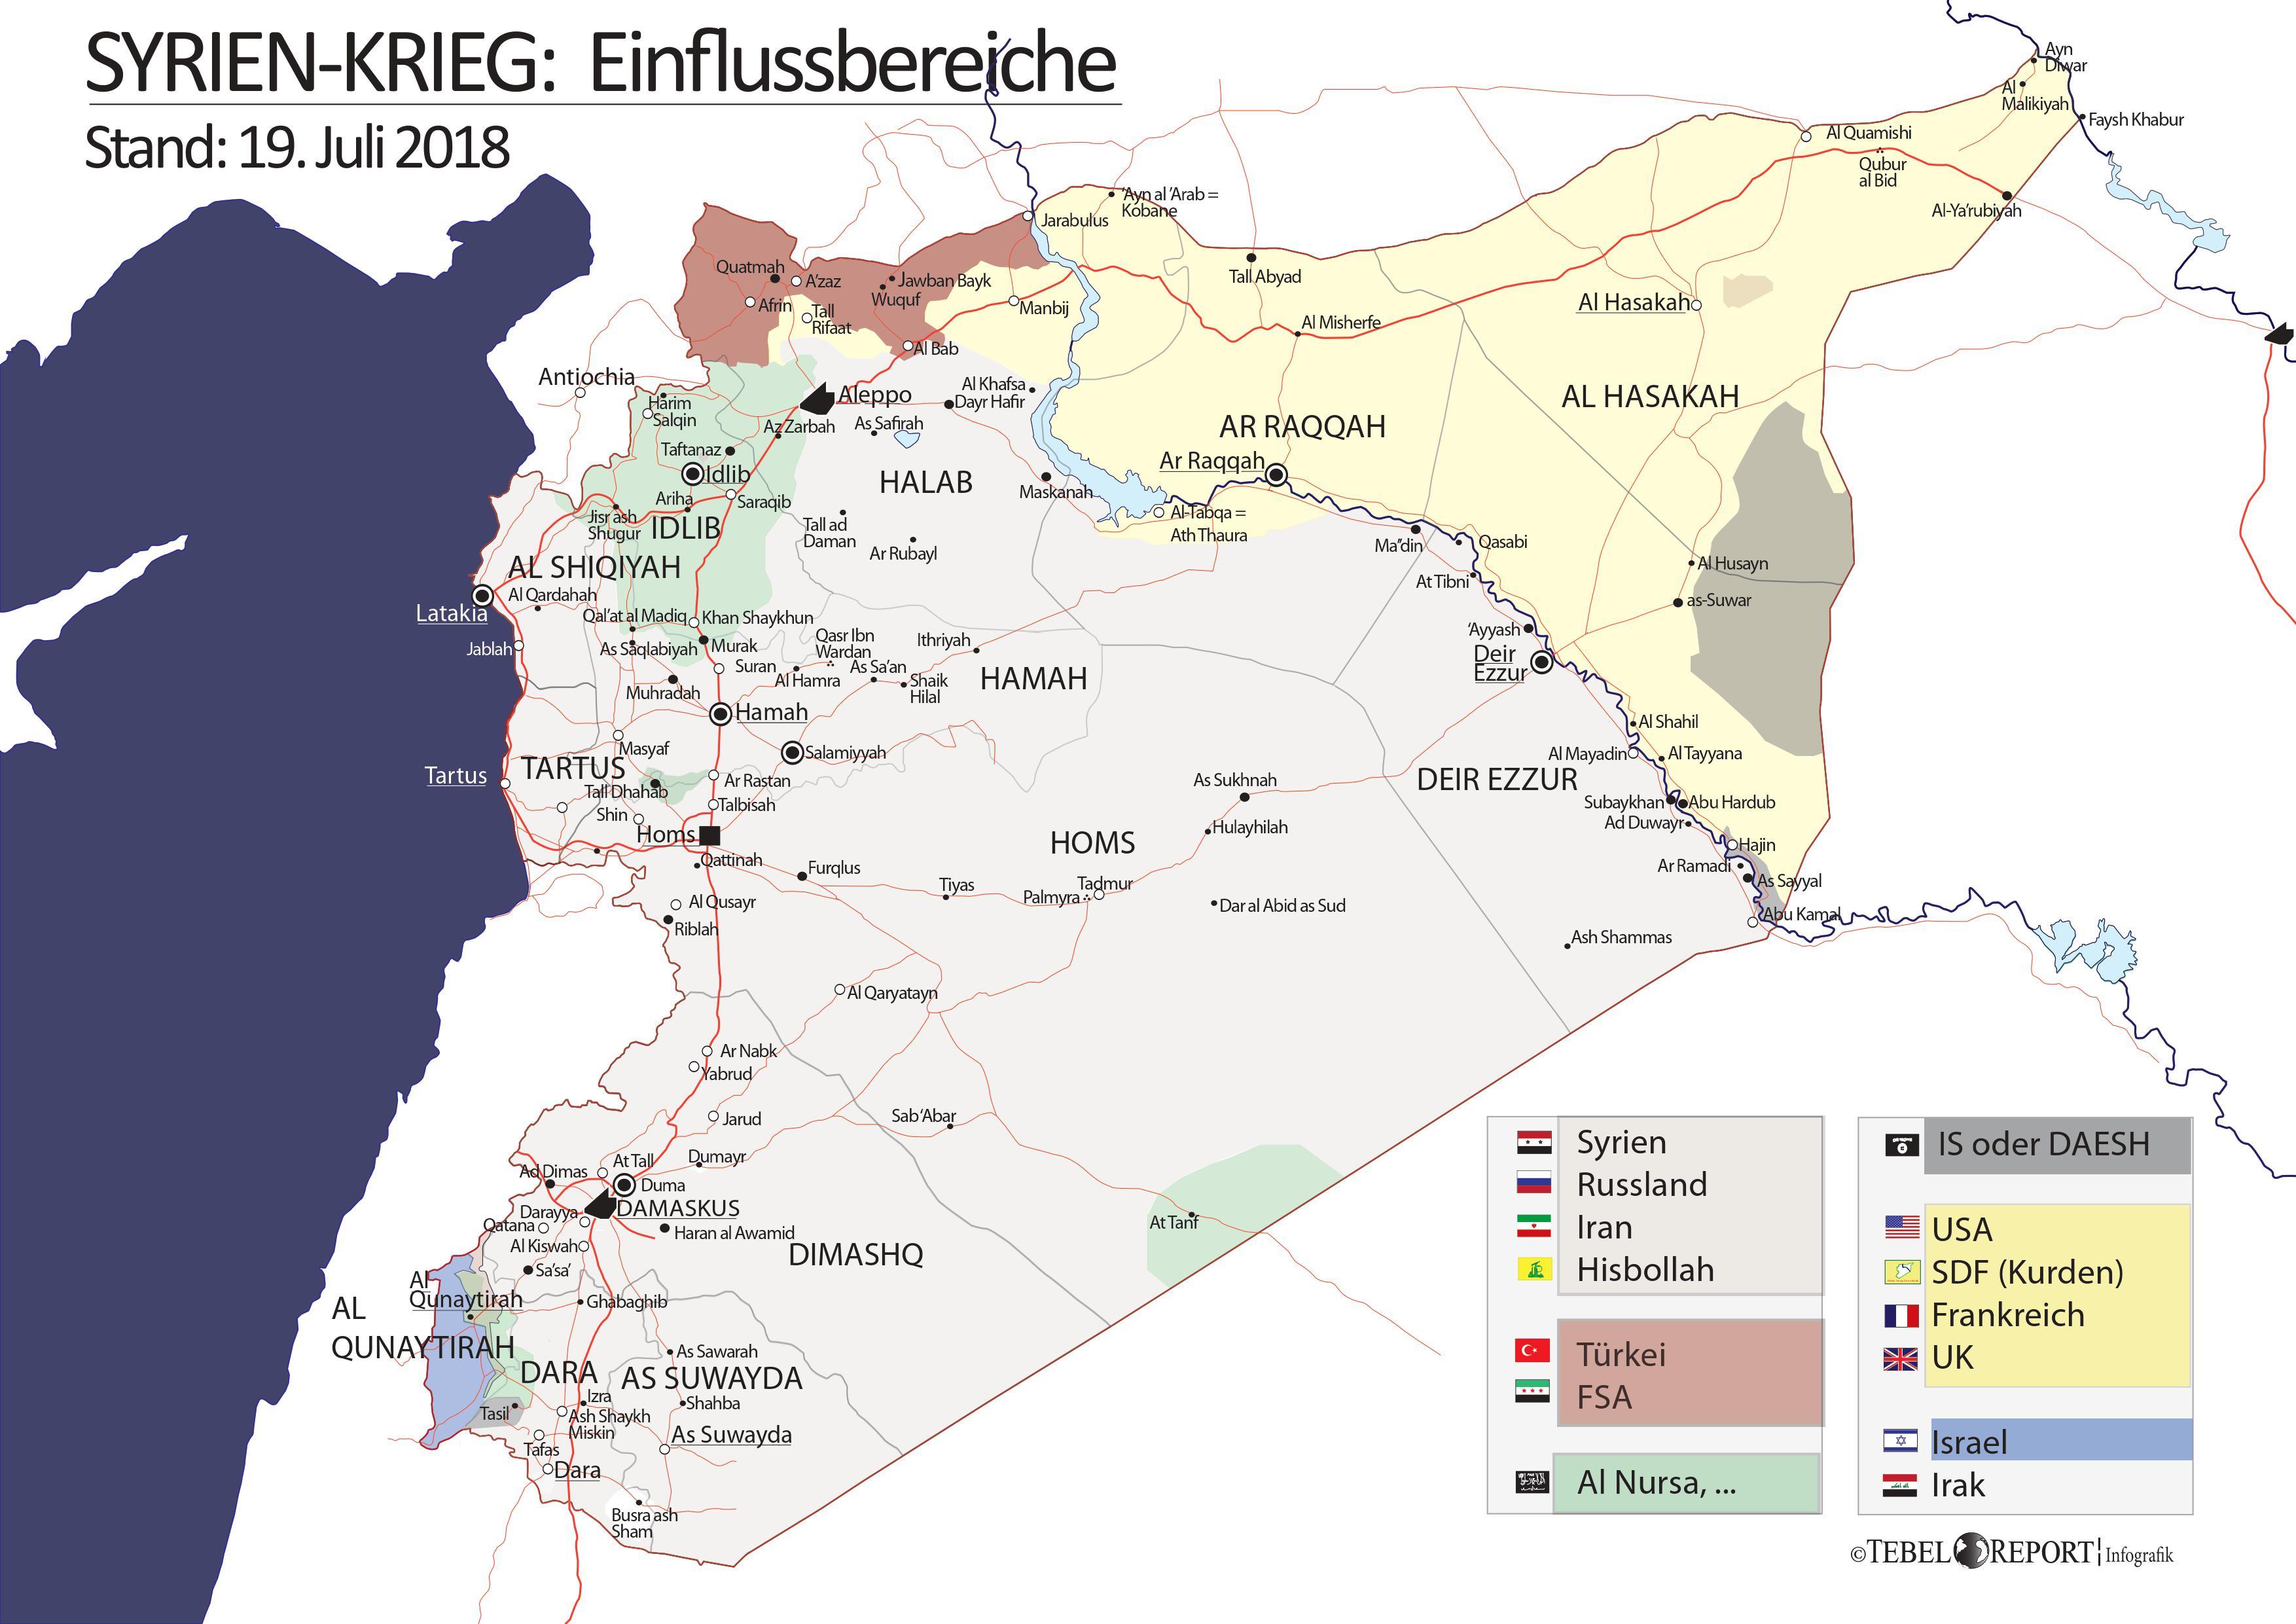 Syrien Karte Mit Städten.Syrien Krieg Einflussbereiche 19 Juli 2018 Mit Städten